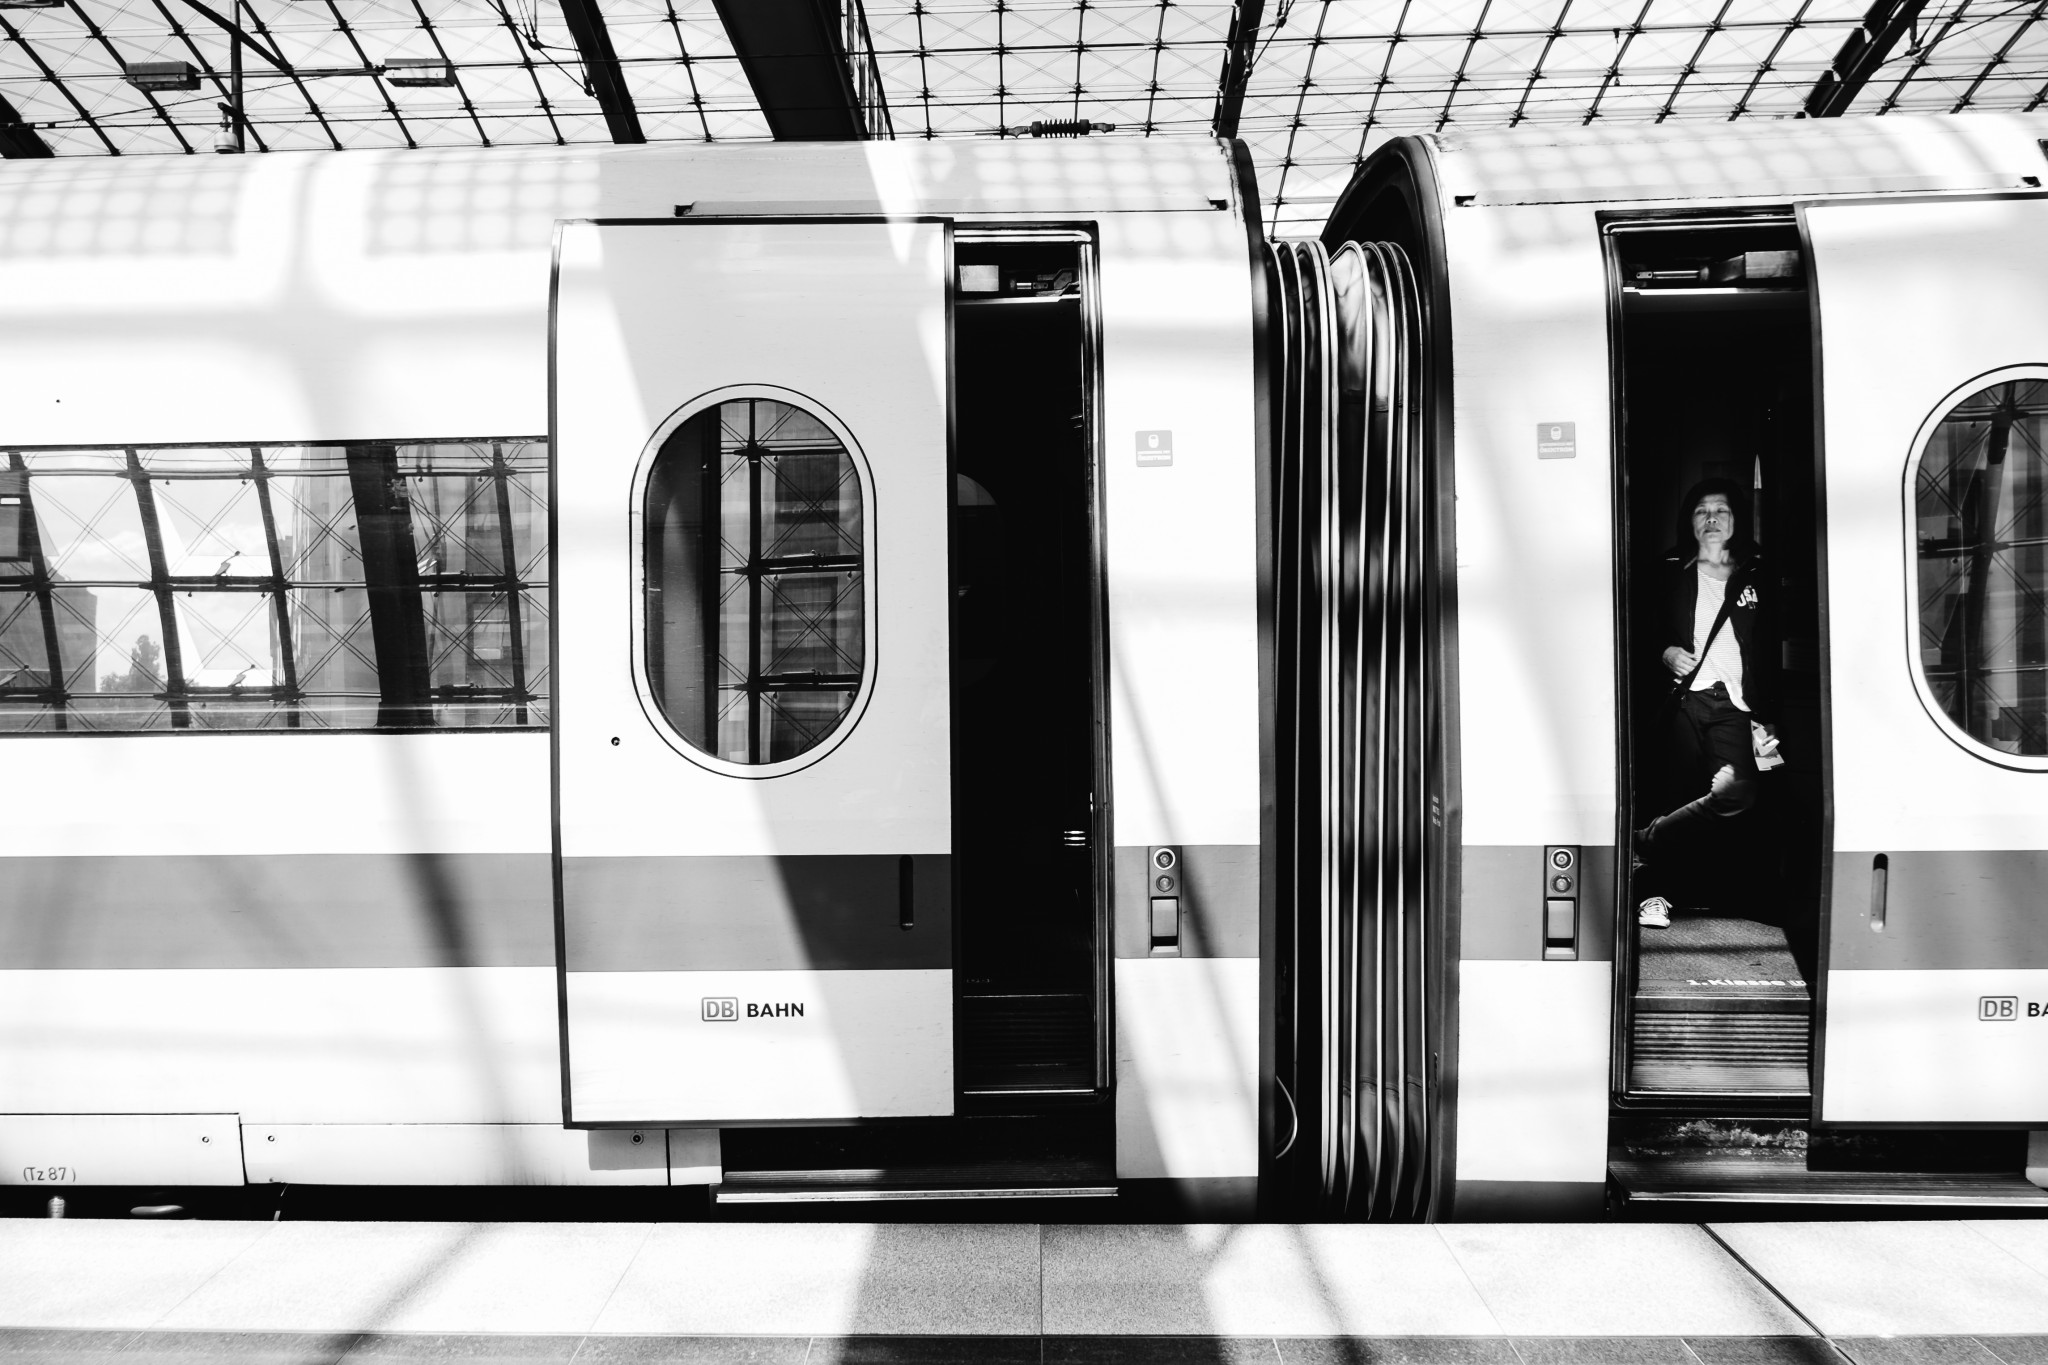 Streetphotography, Berlin Hauptbahnhof in Schwarz-Weiß